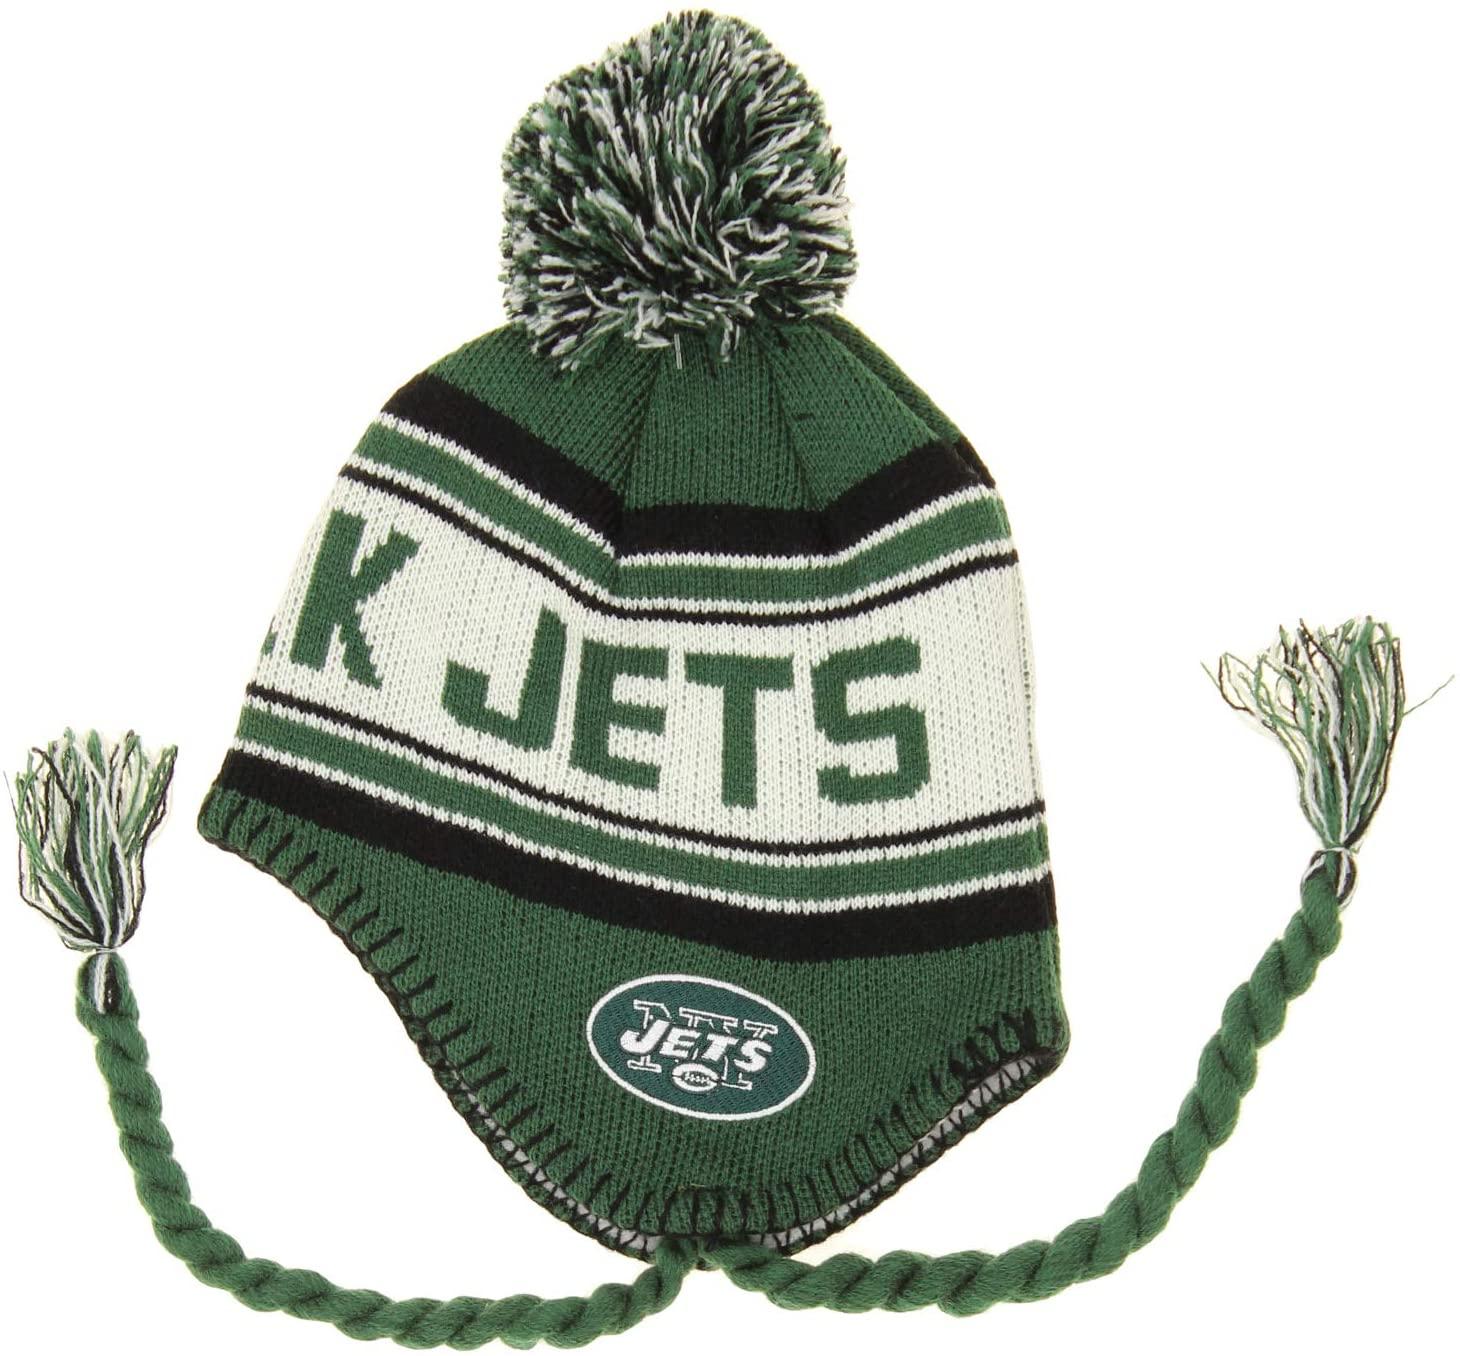 OuterStuff NFL Little Kids Boys (4-7) Jacquard Tassel Knit Pom Hat, Team Variation